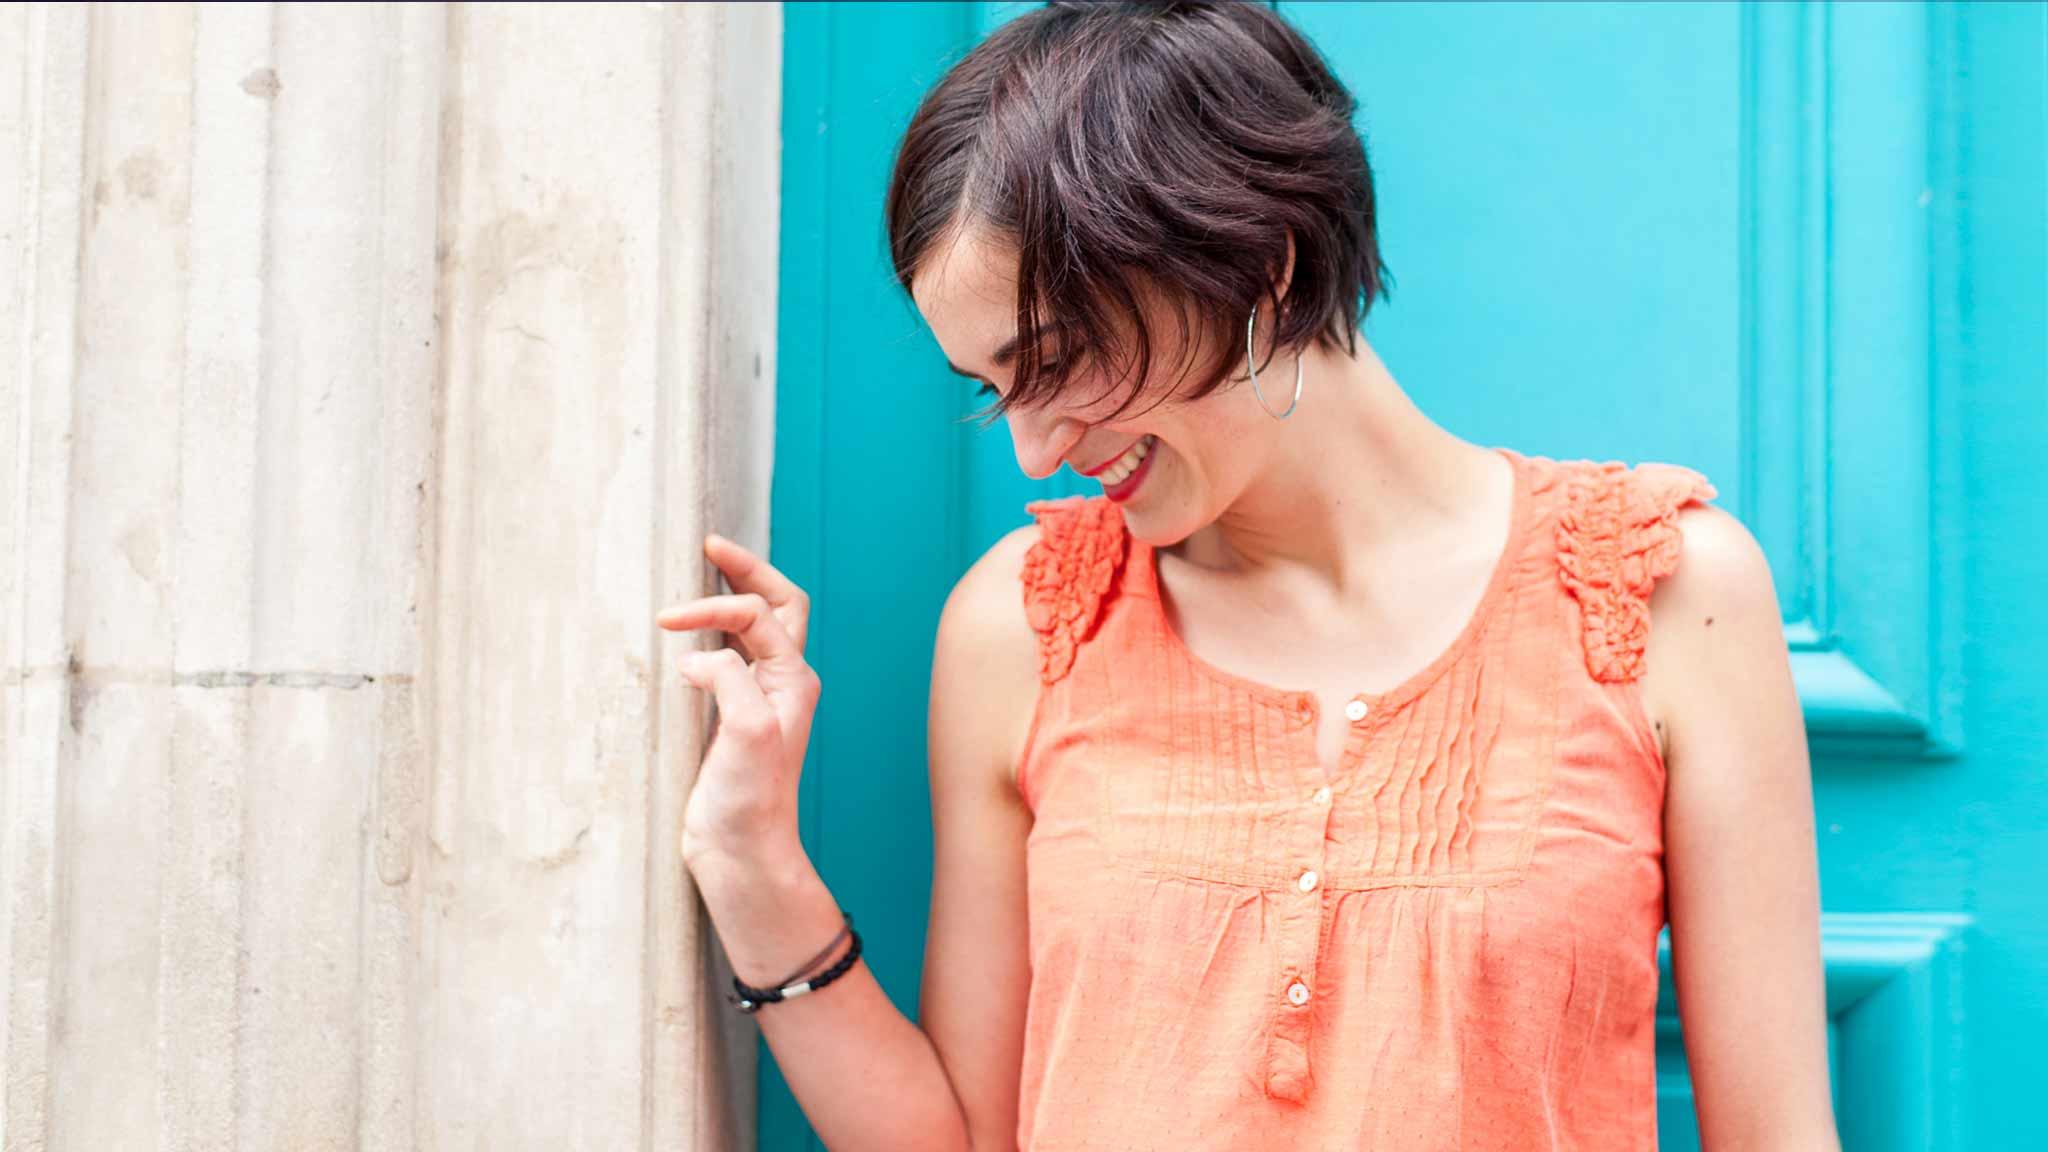 photographe portrait book smiling couleurs orange cyan bonheur sourire nancy